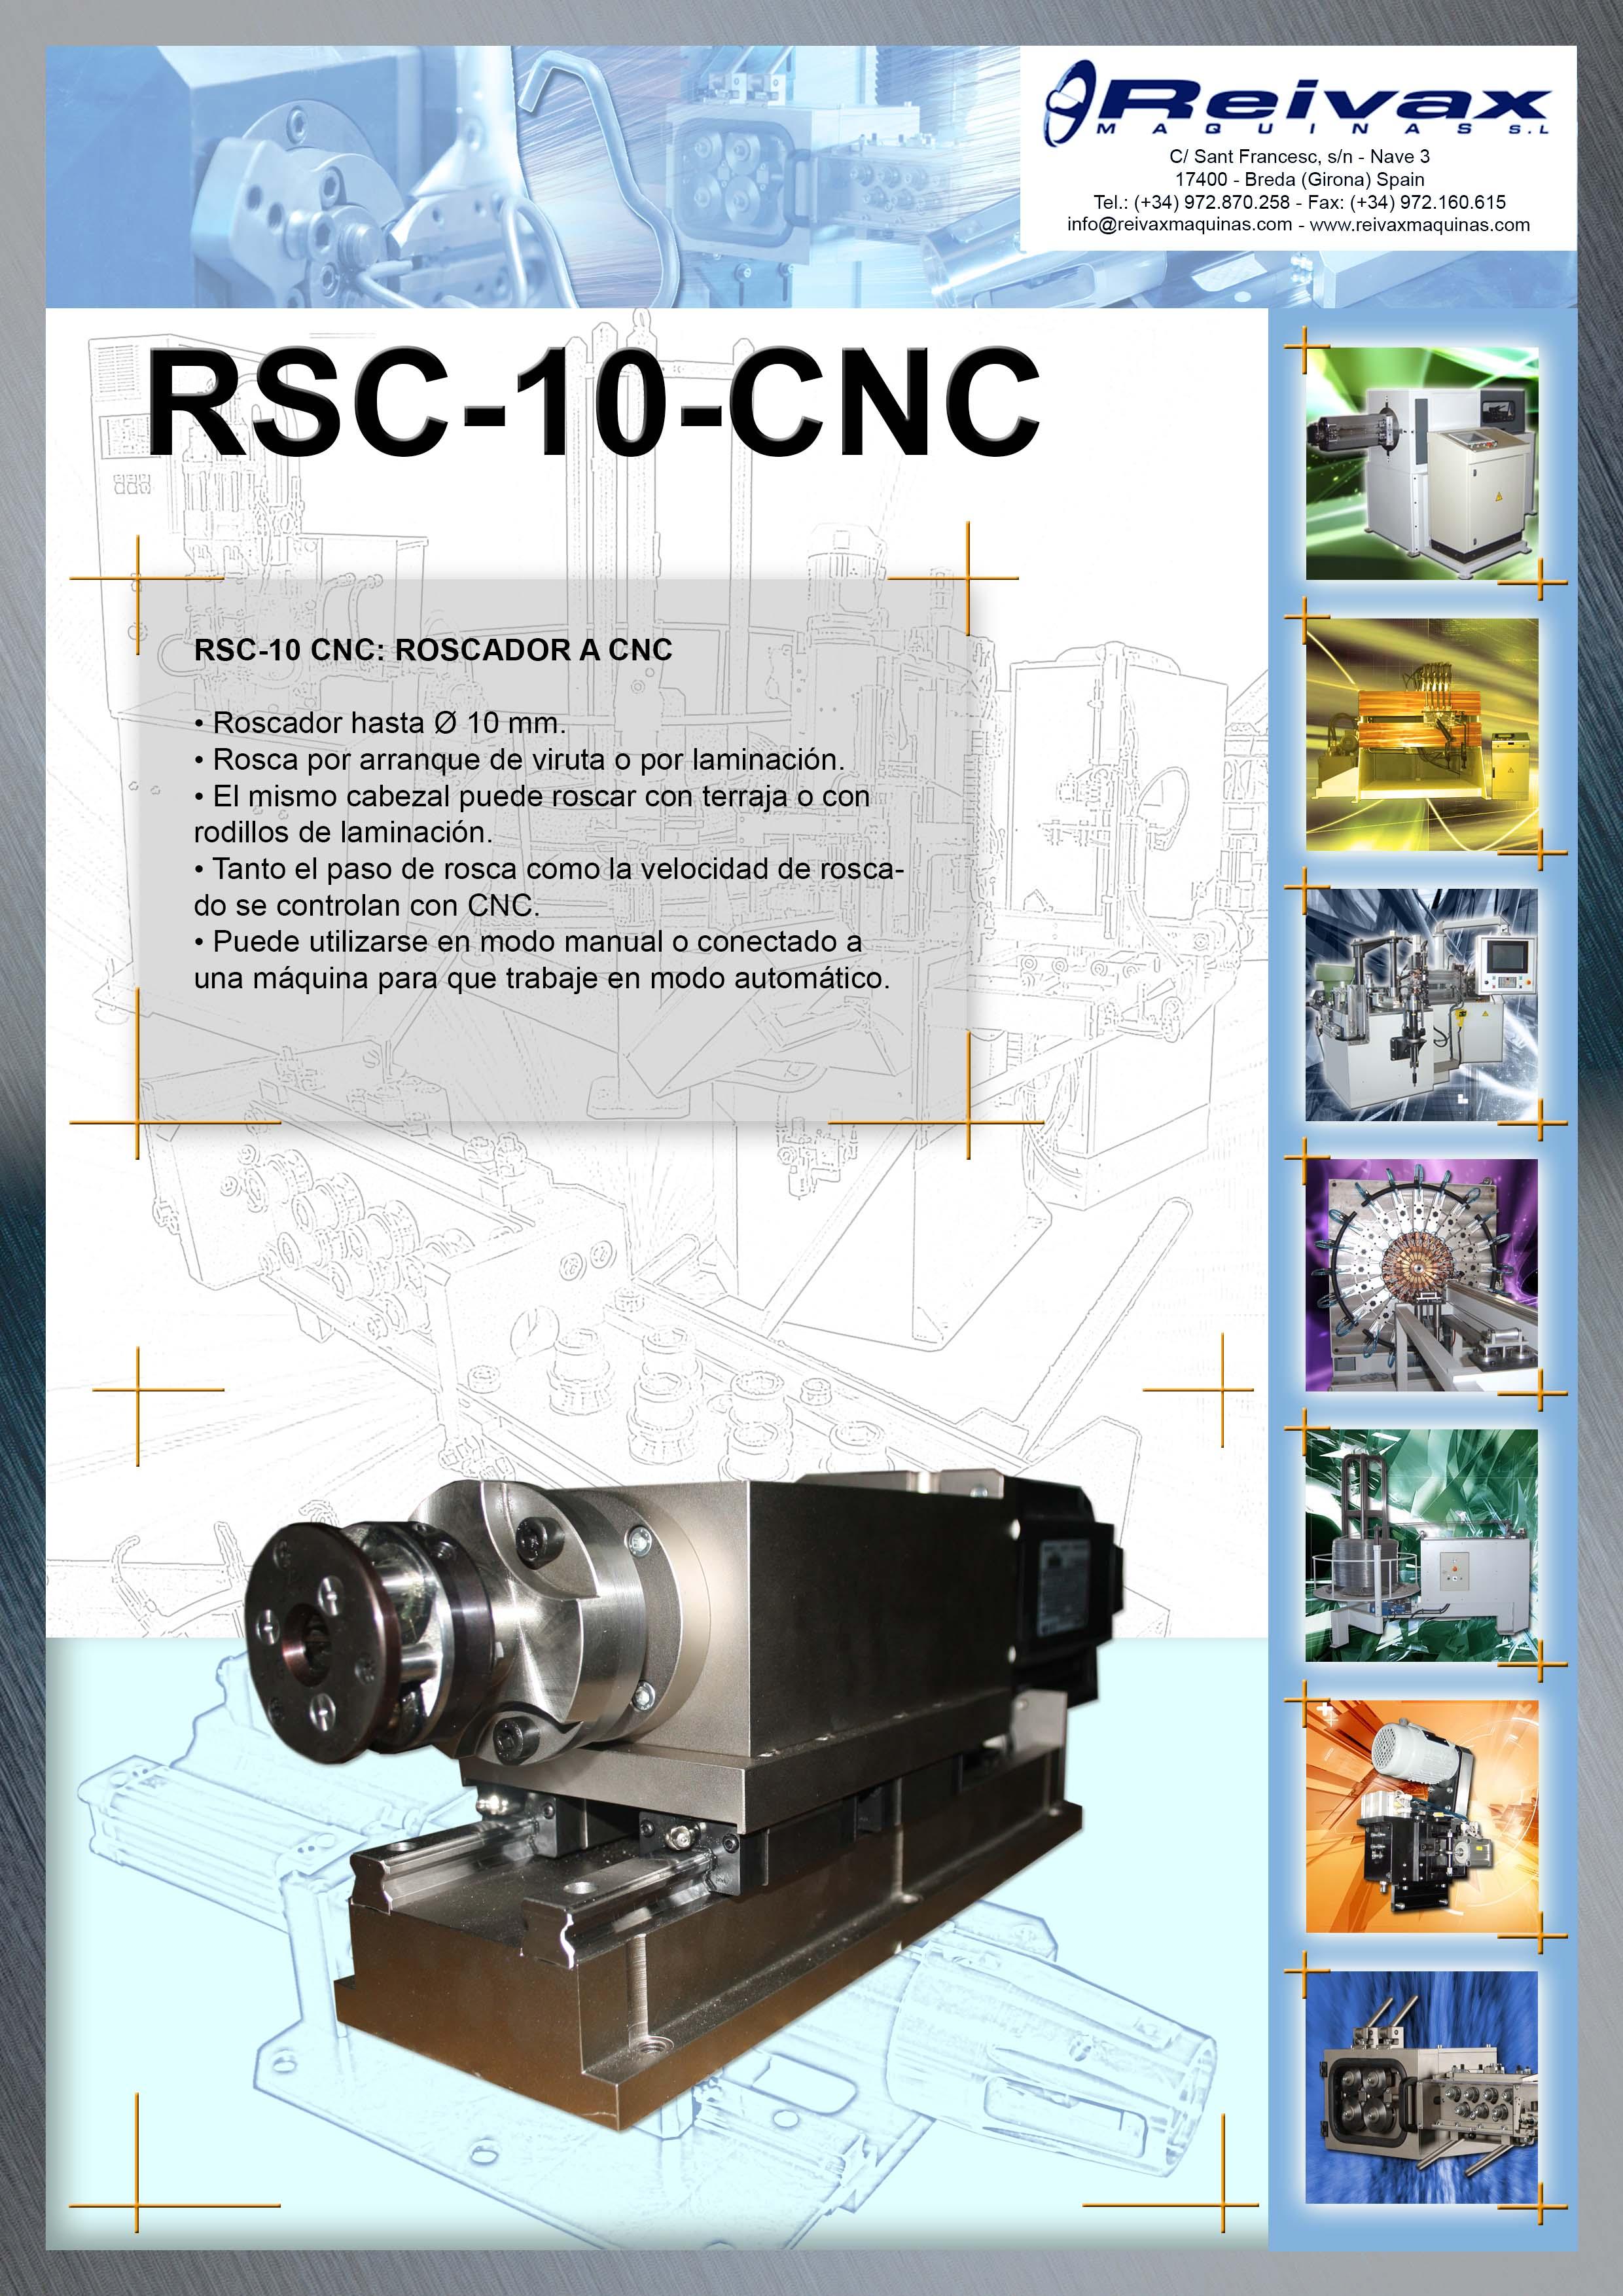 ReivaxMaquinas: Ficha Tecnica RSC-10-CNC